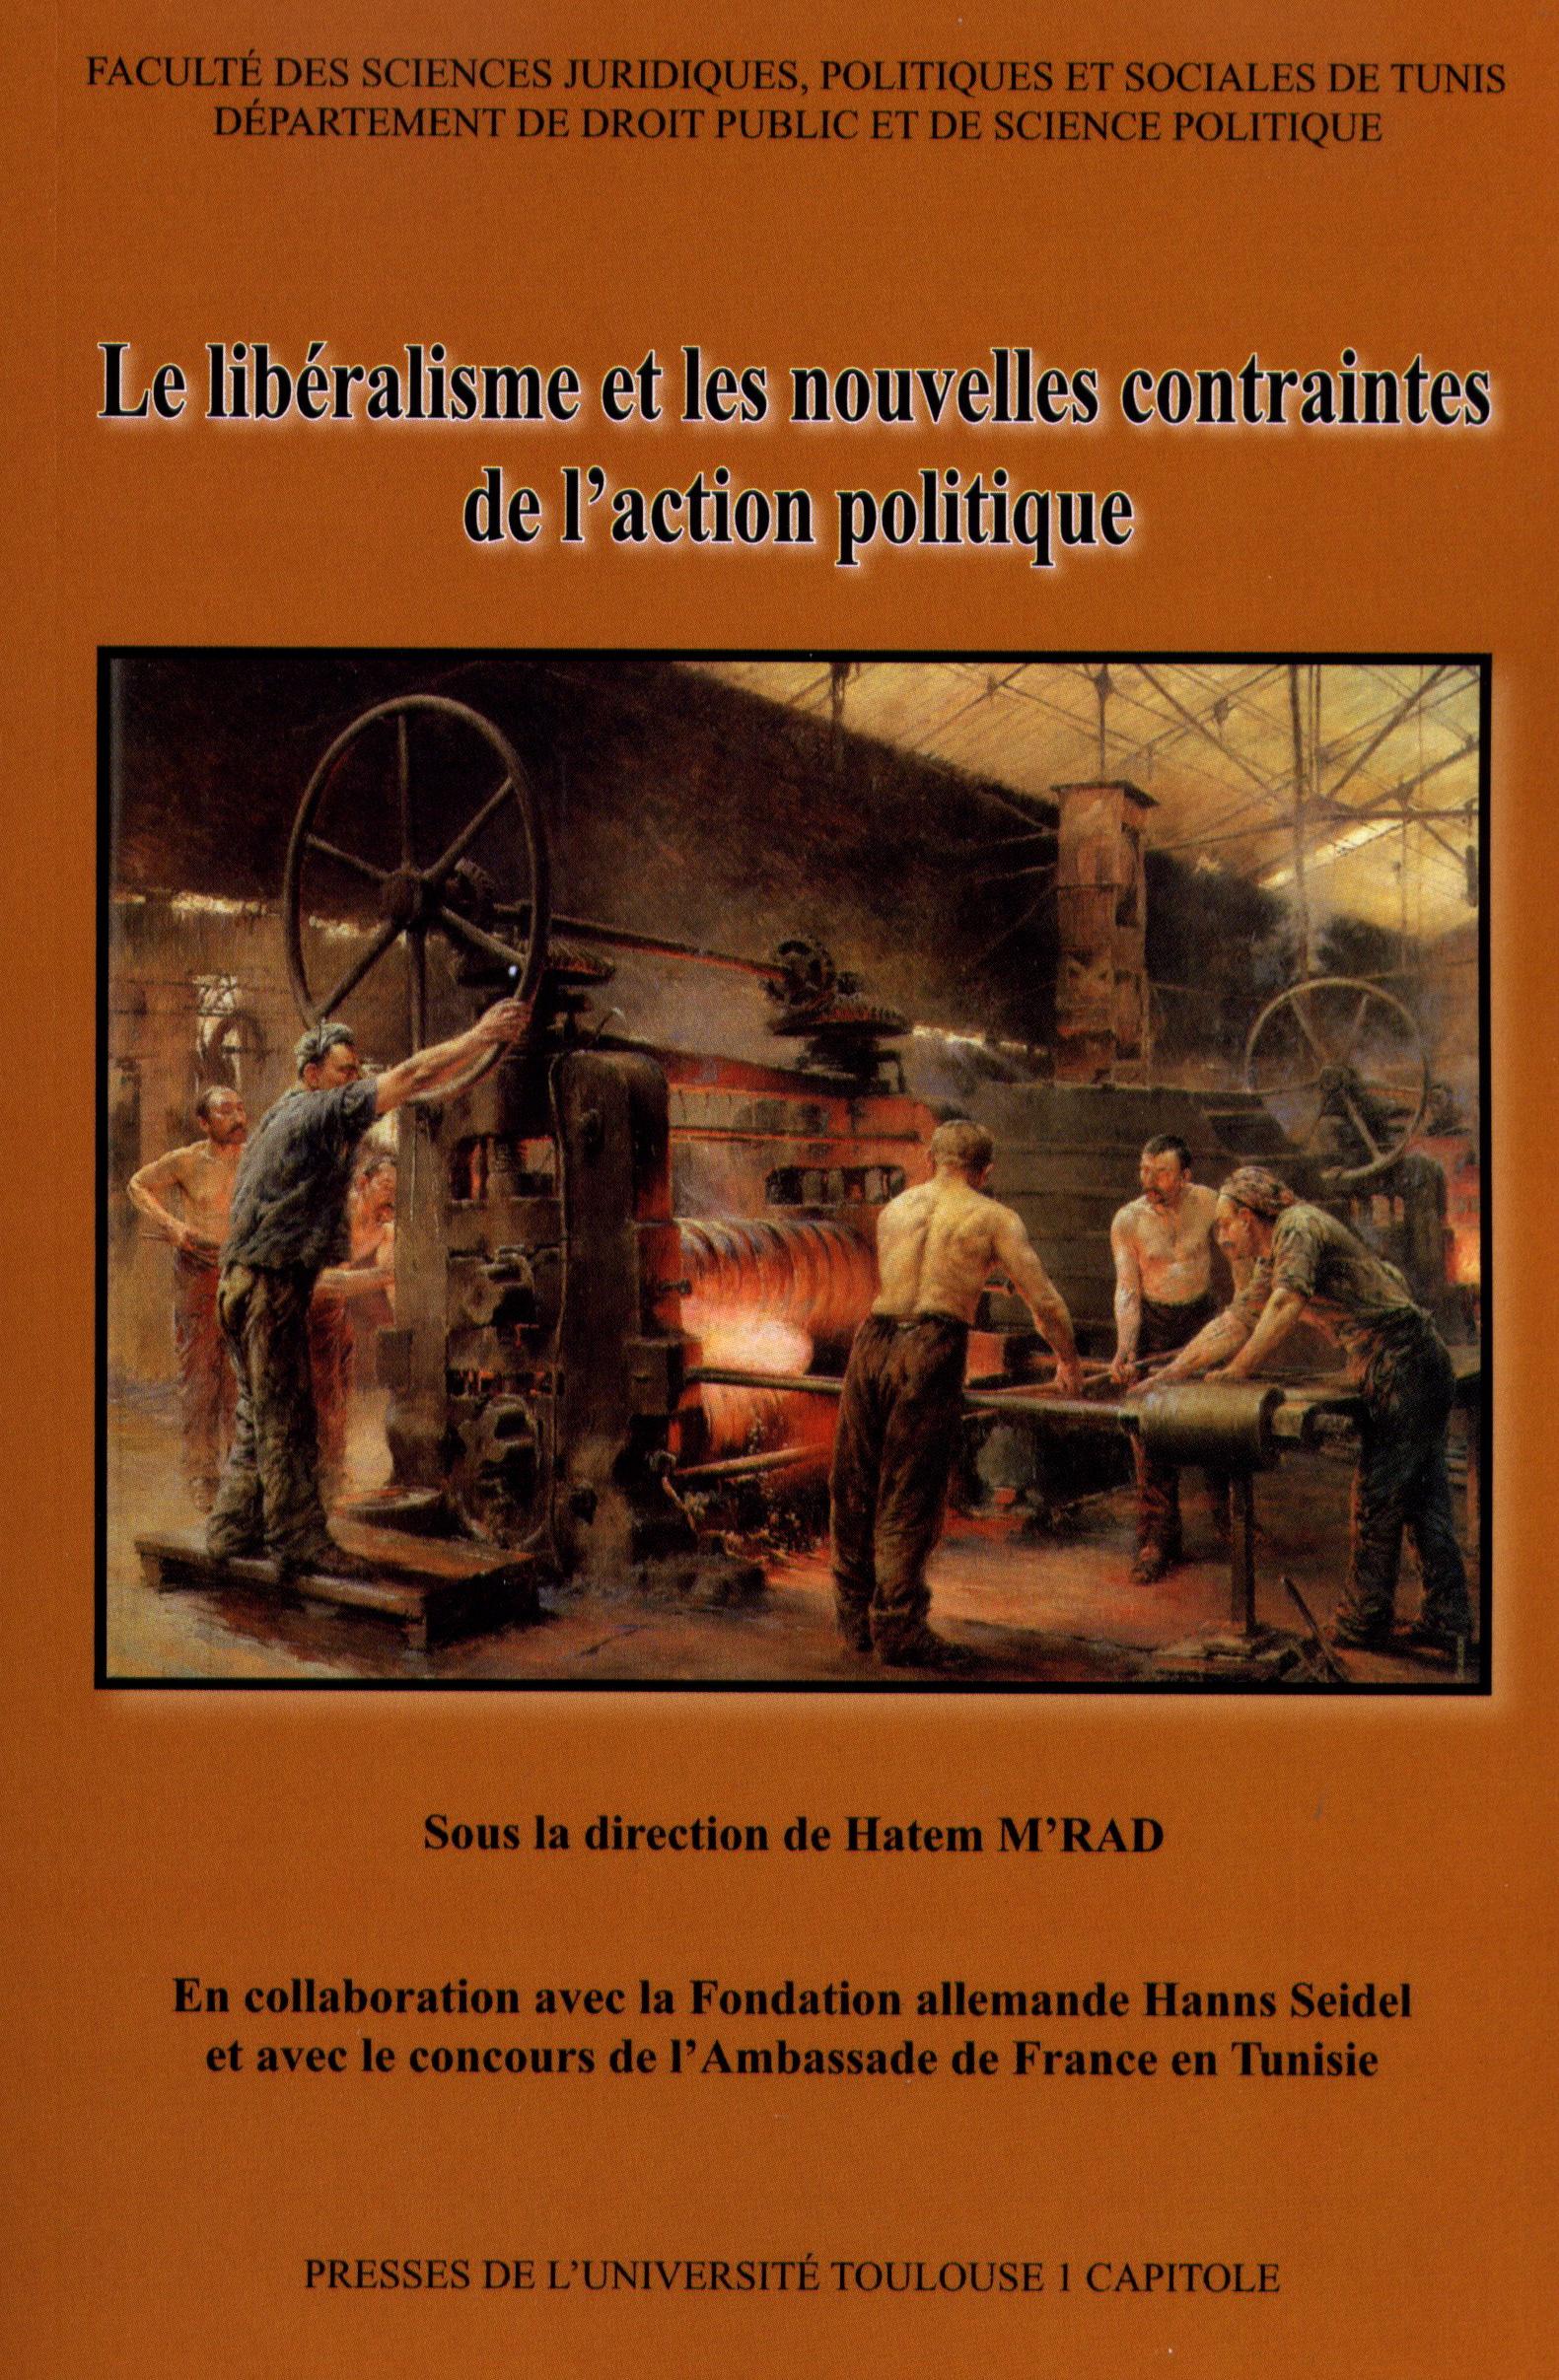 Universit toulouse 1 capitole le lib ralisme et les nouvelles contraintes de l 39 action - Bureau de change toulouse capitole ...